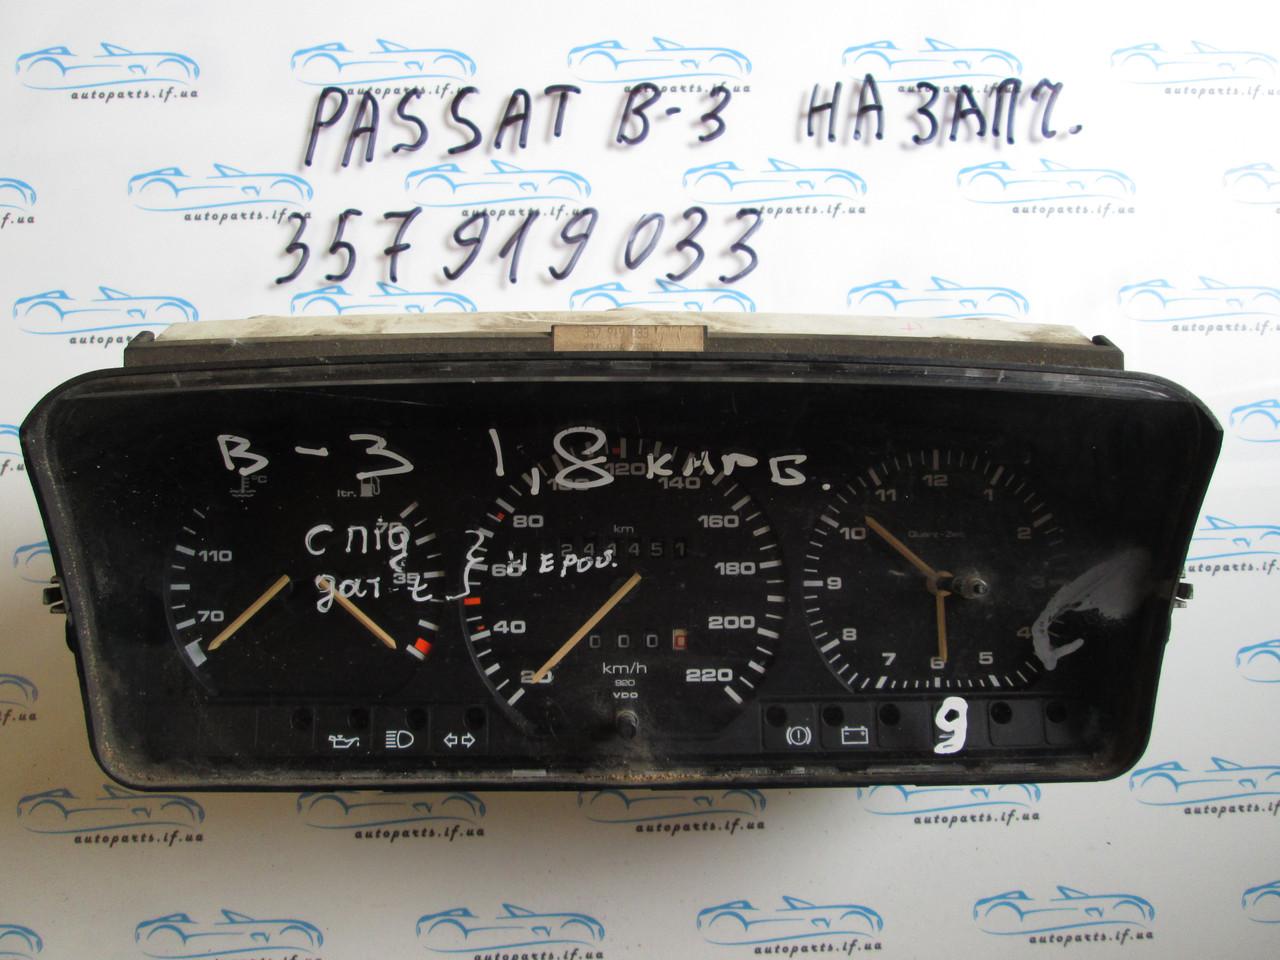 Панель приборов Passat B3, Пассат Б3 357919033 на запчасти